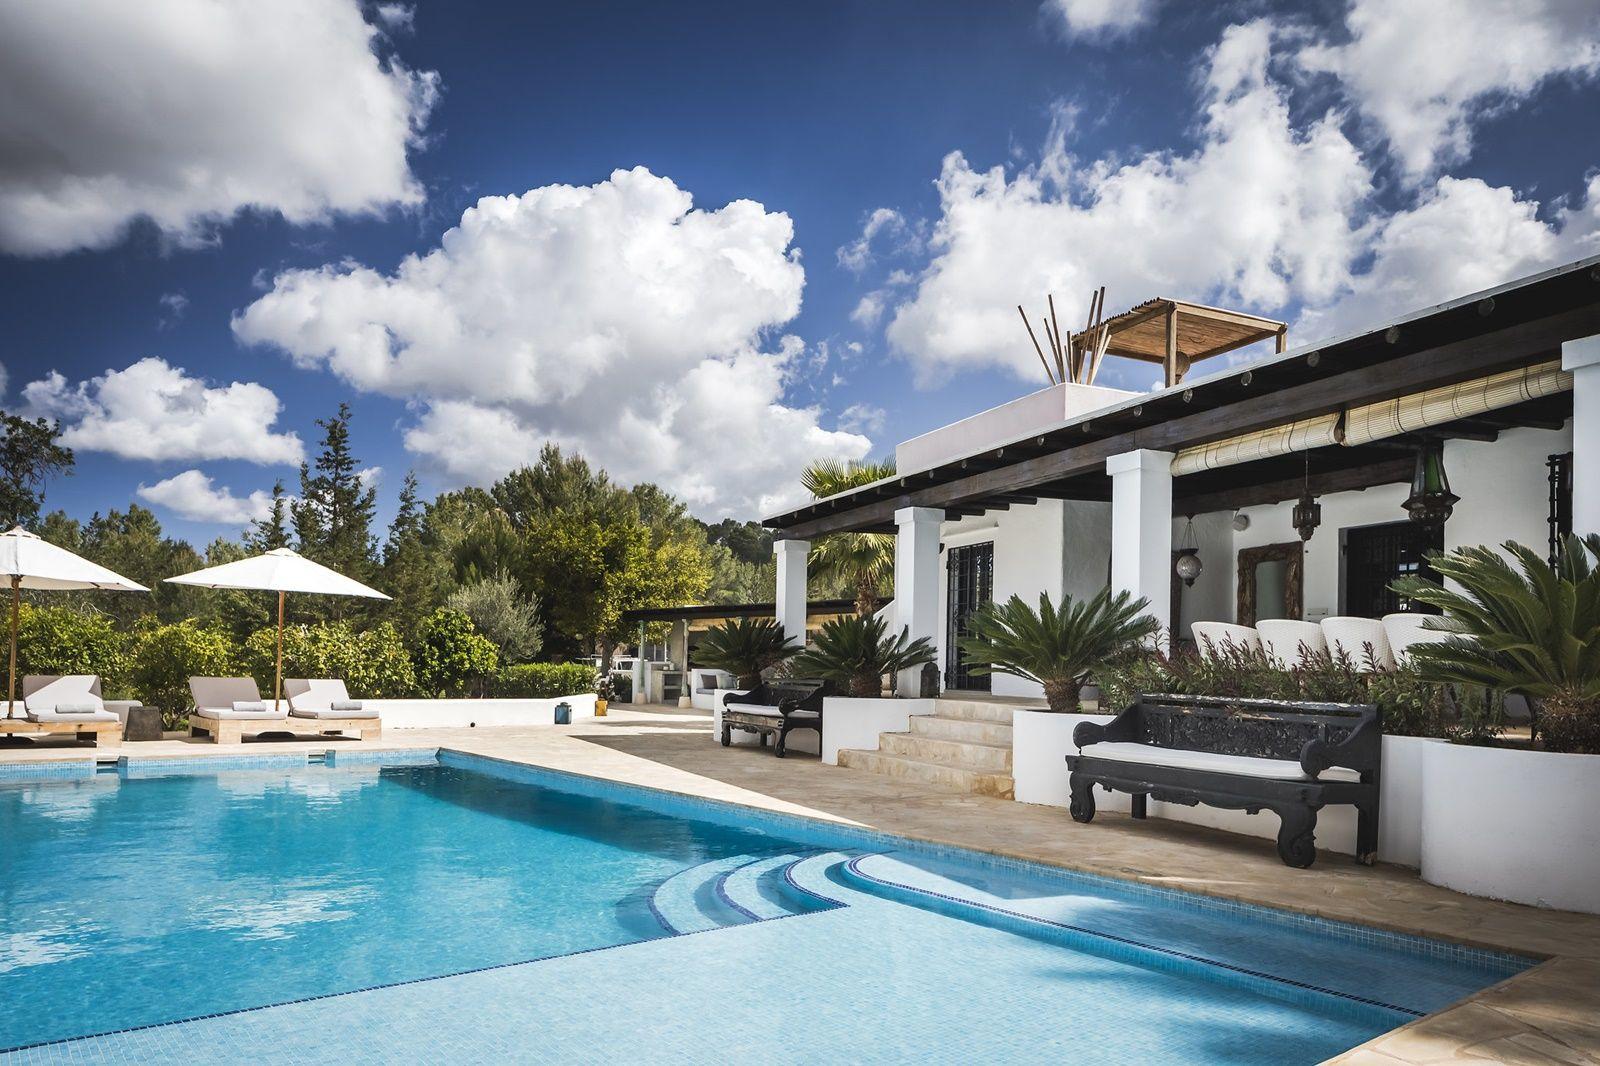 Can dami pictures true villa terrassen stad